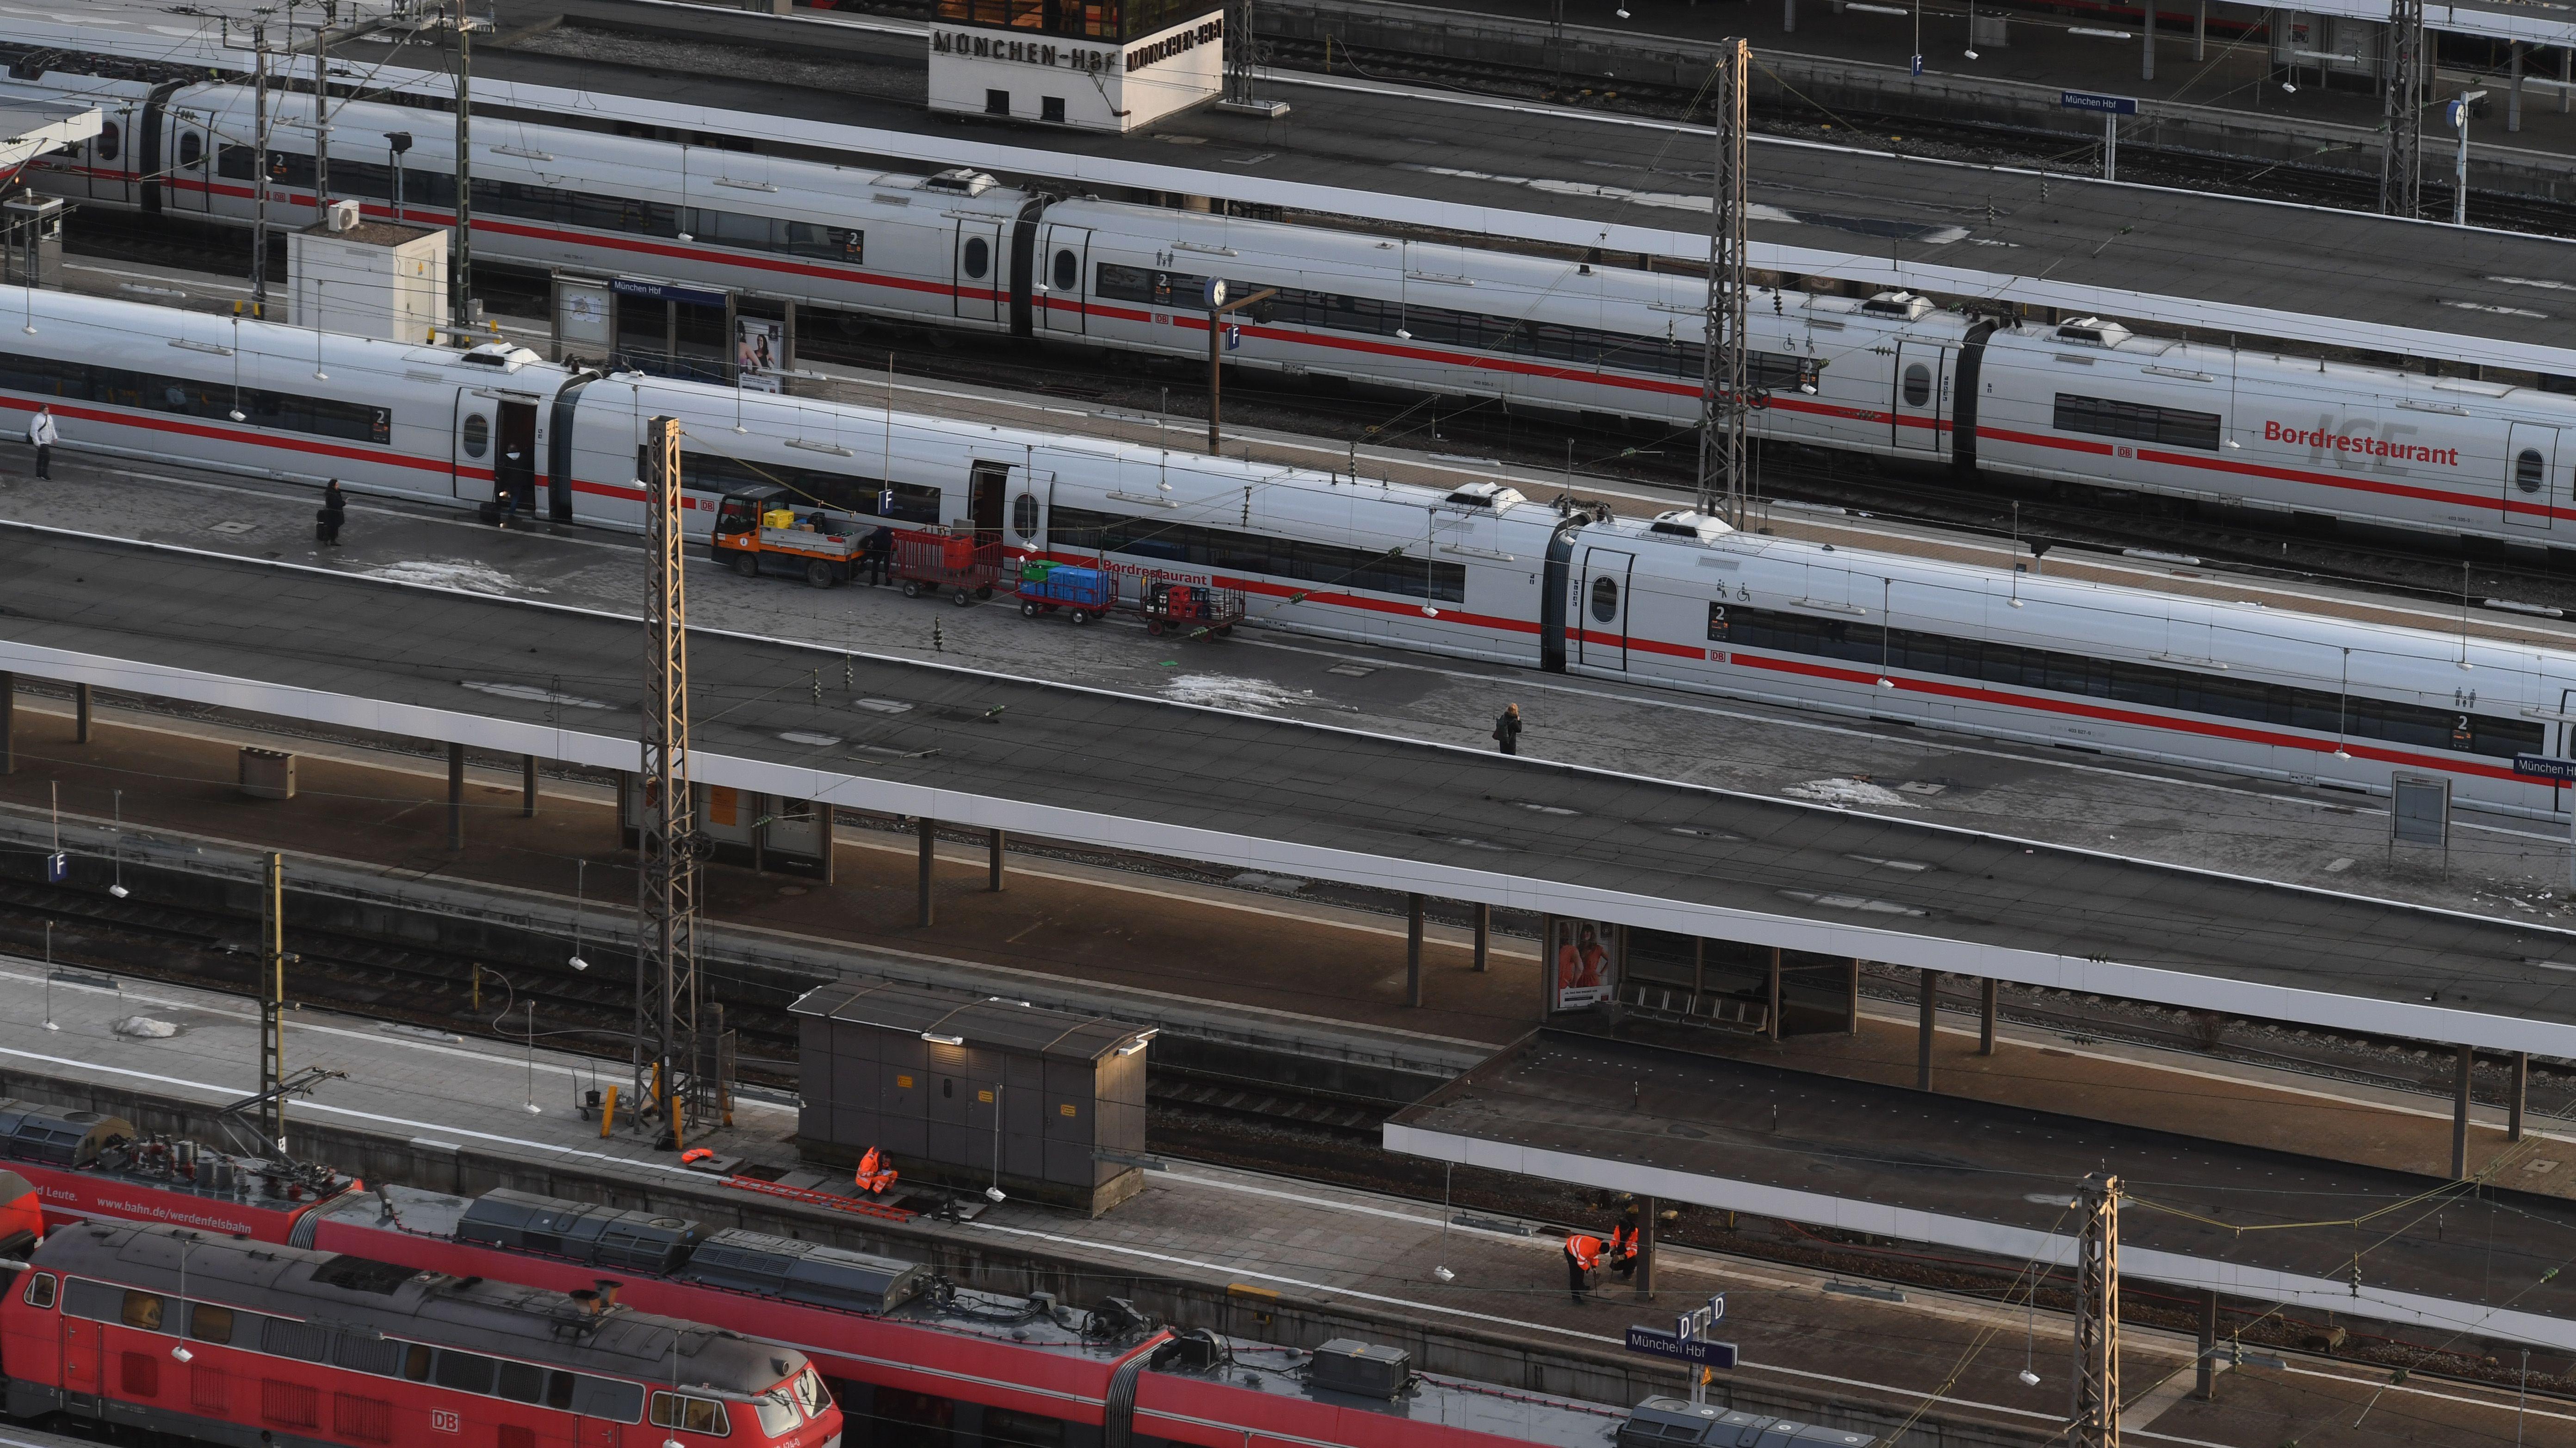 Blick auf die Gleise am Hauptbahnhof in München